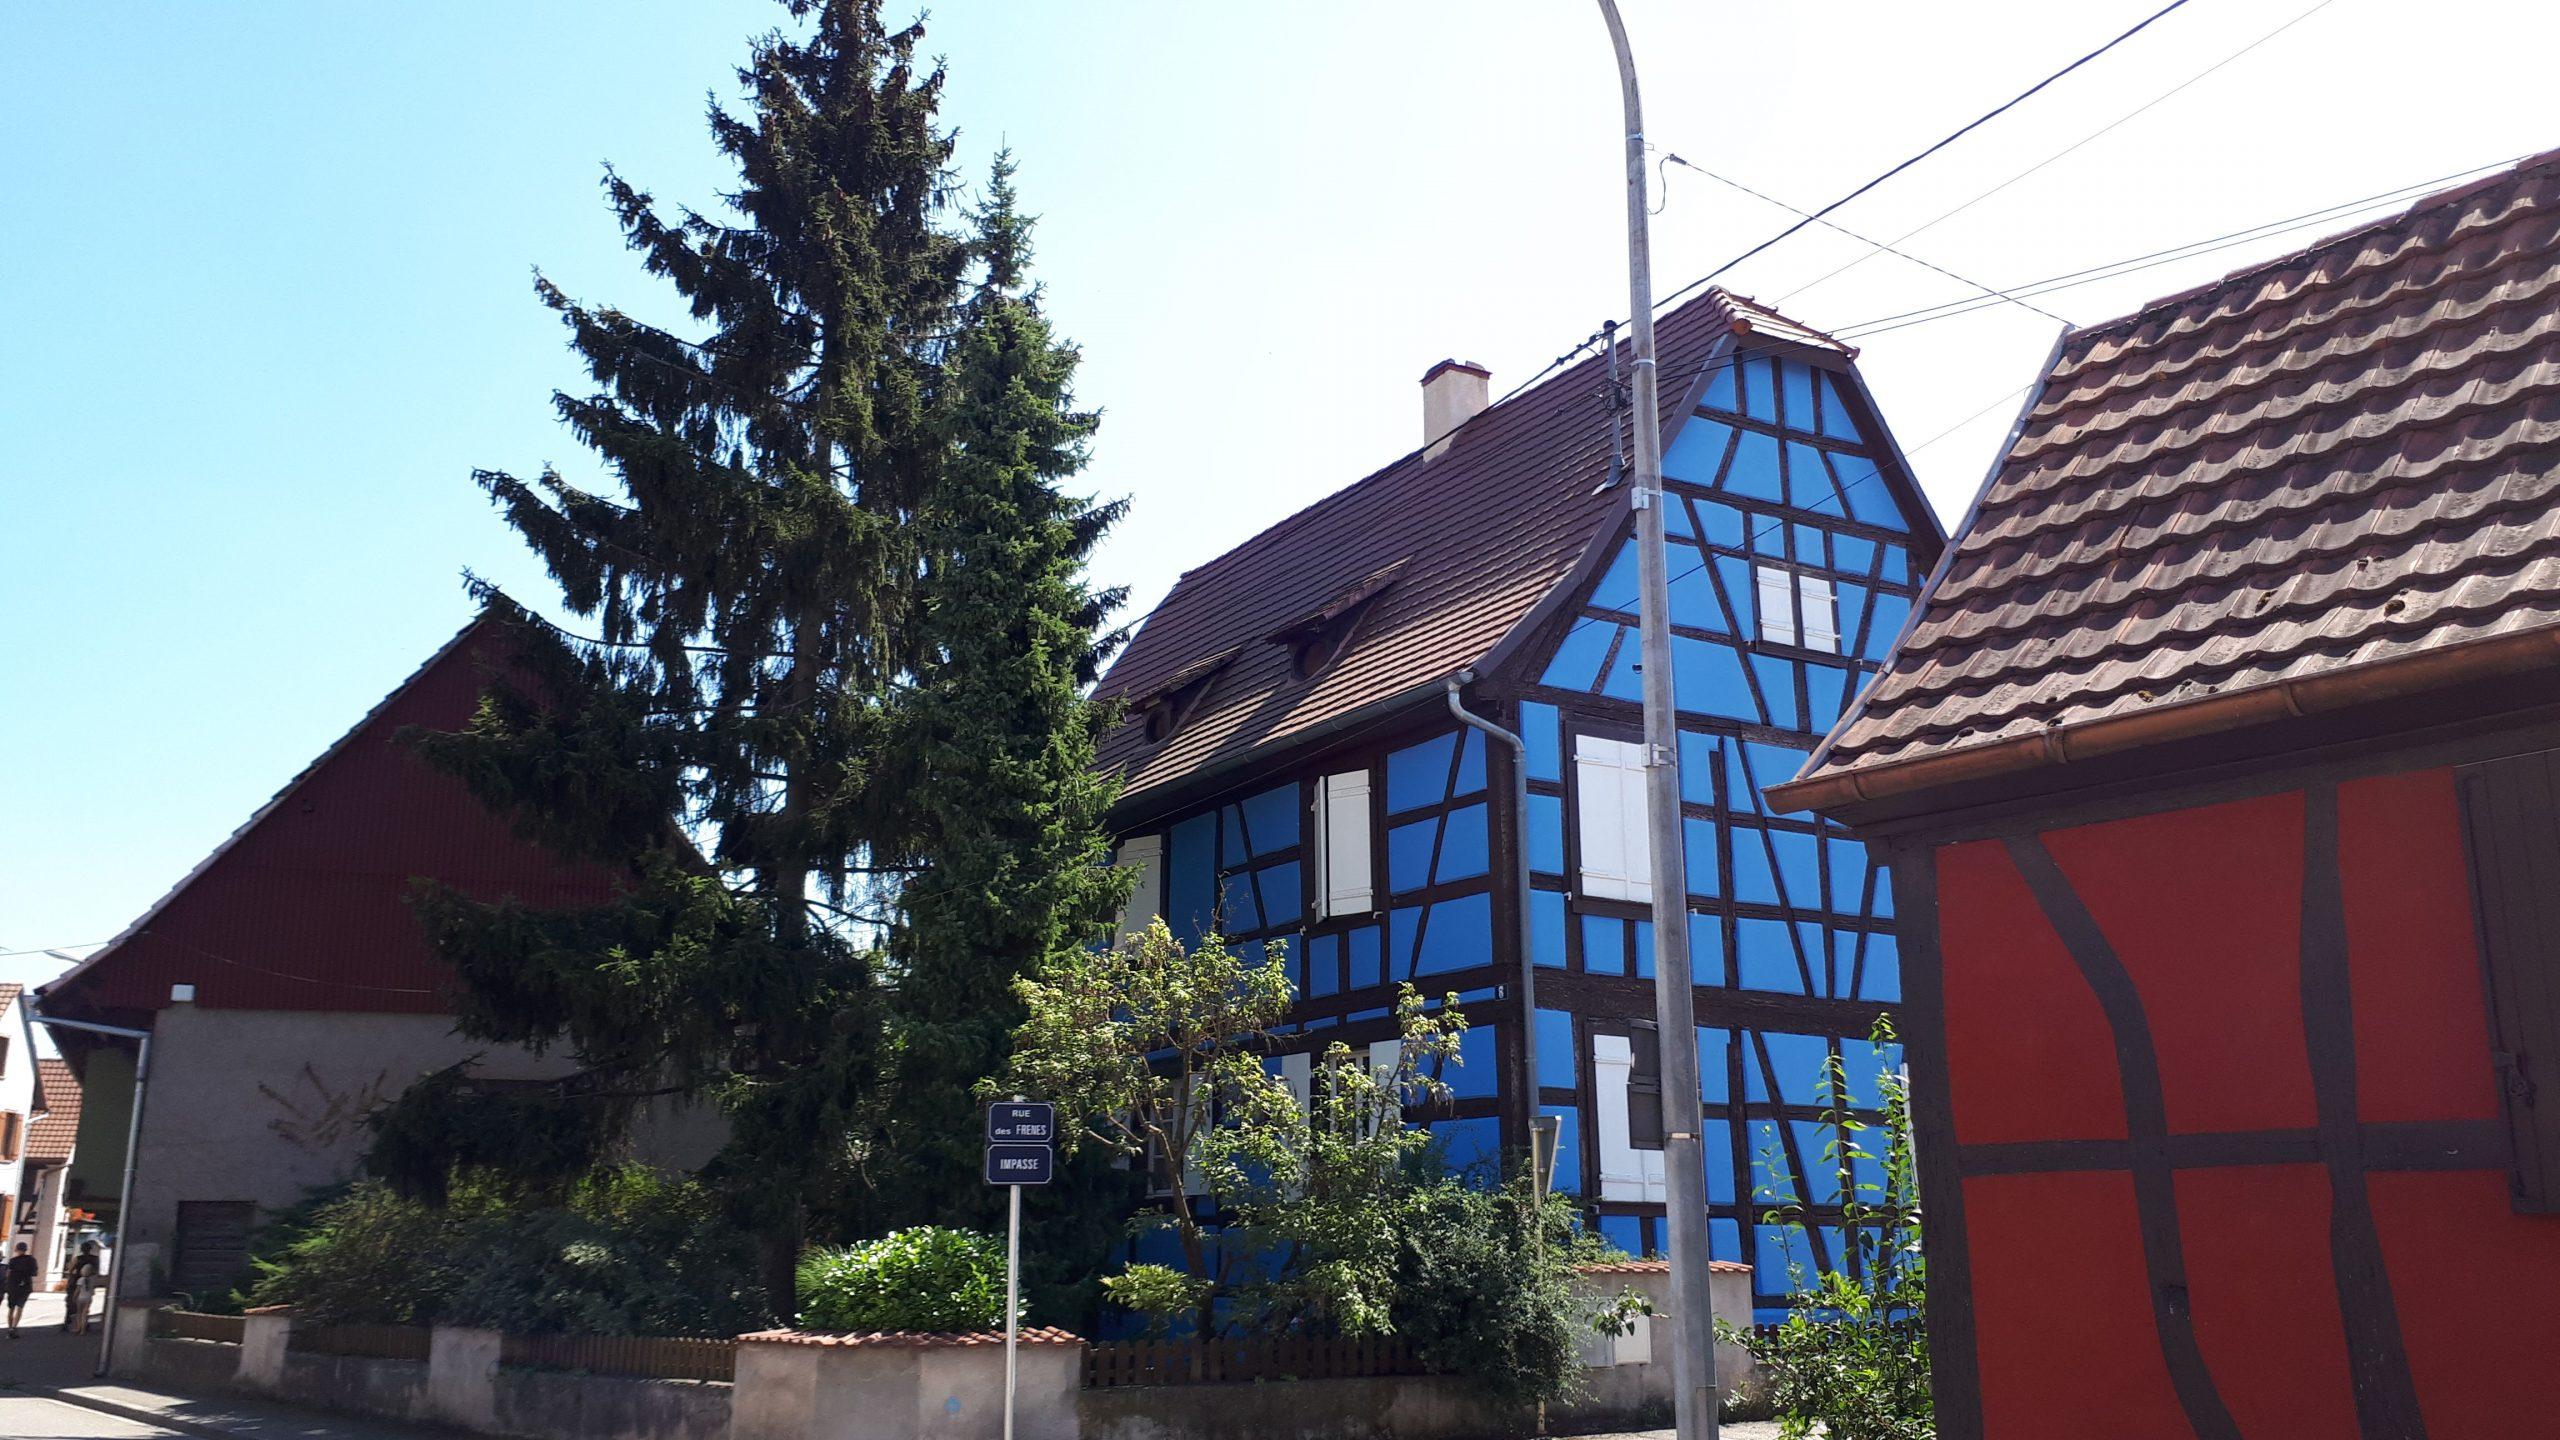 Admirez les maisons colorées.